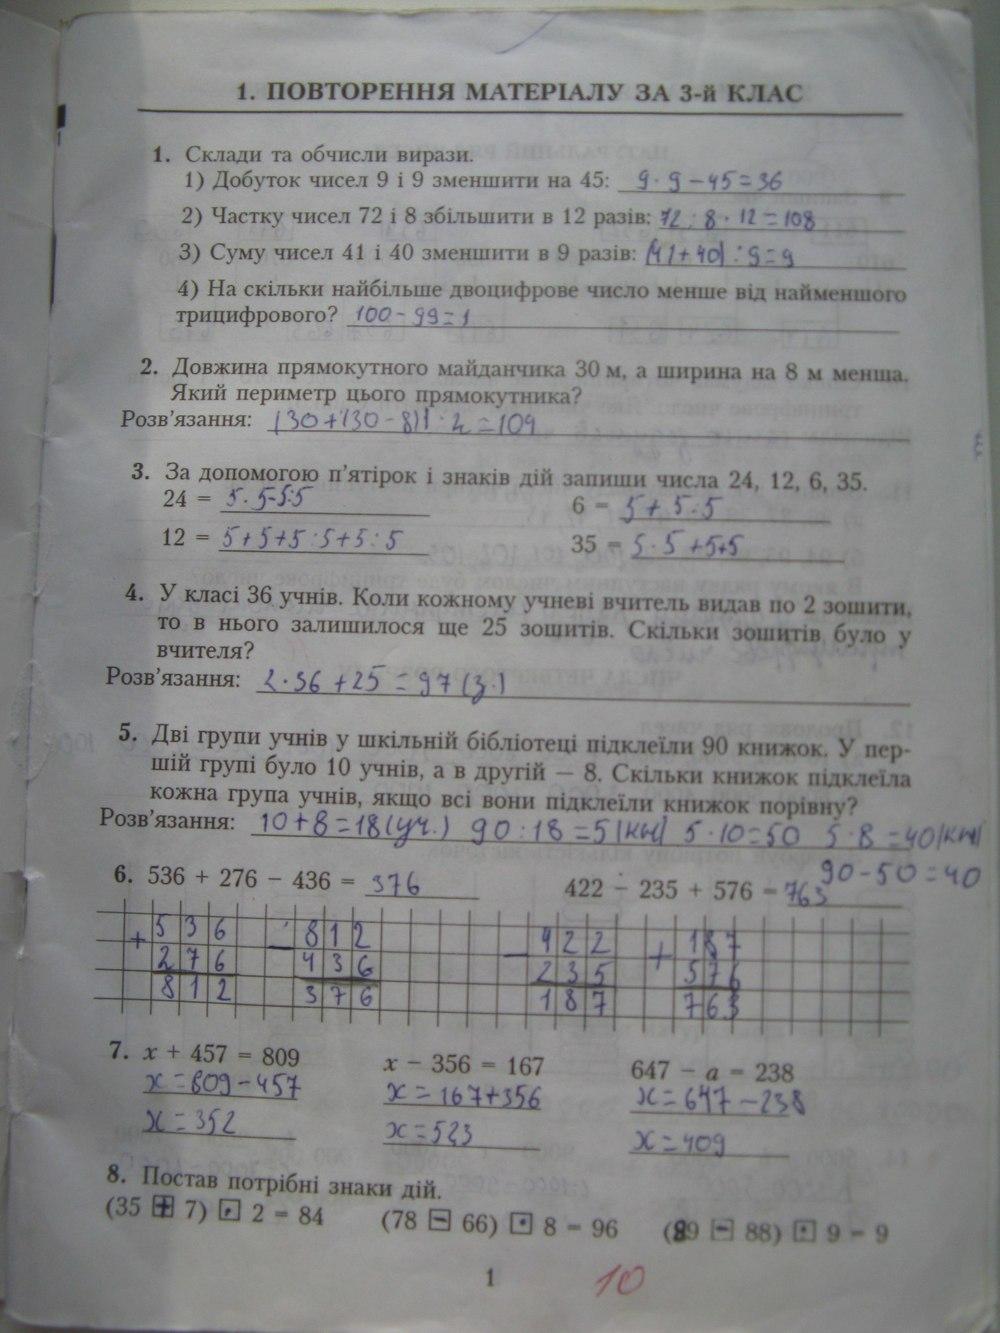 Гдз по математике робочий зошит 4 клас богданович